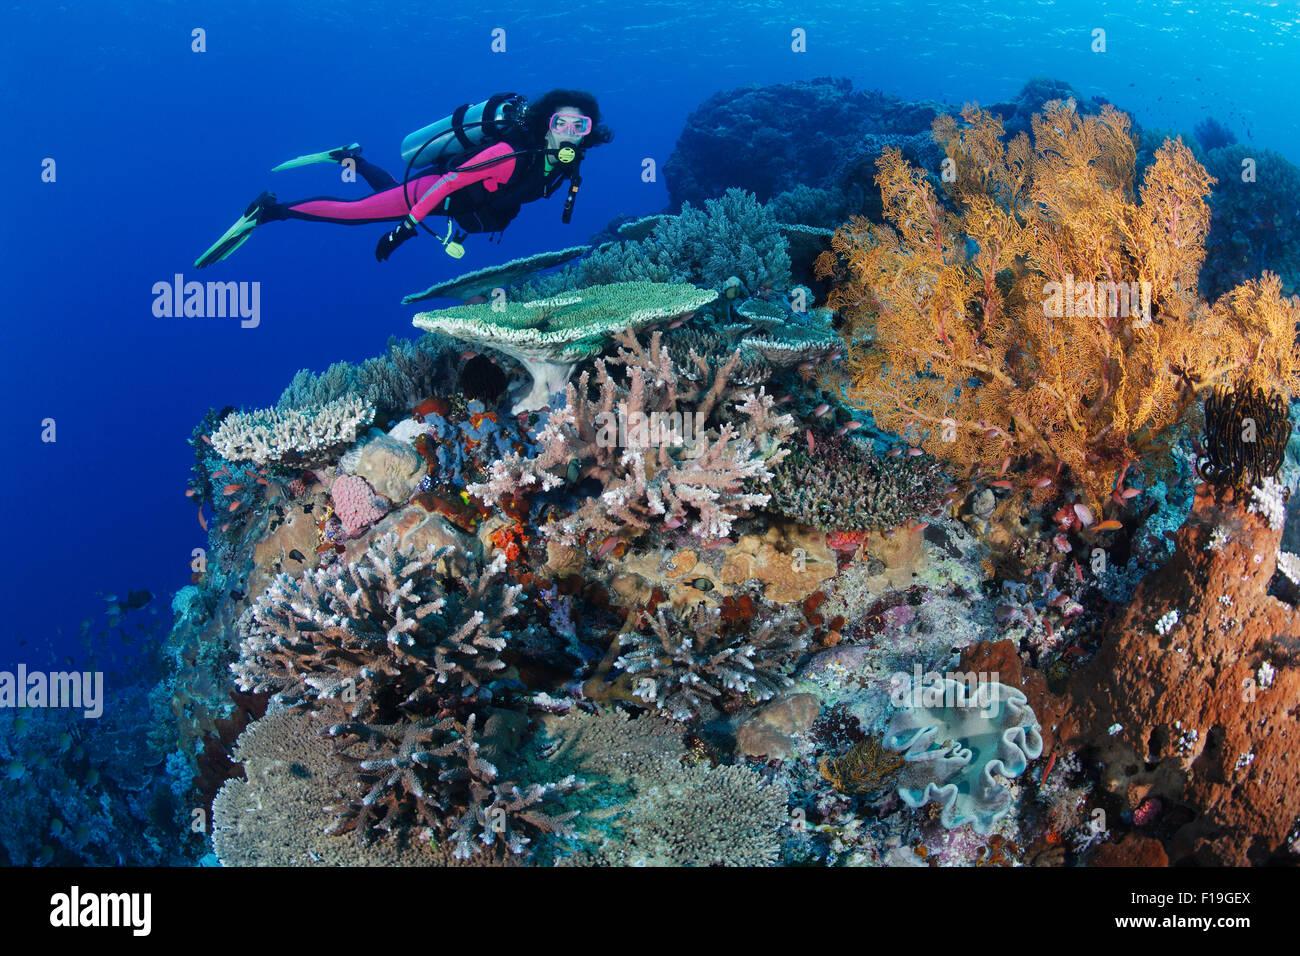 Px0307-D. scuba diver (modèle) parution sur nage santé des récifs de corail, avec une variété Photo Stock